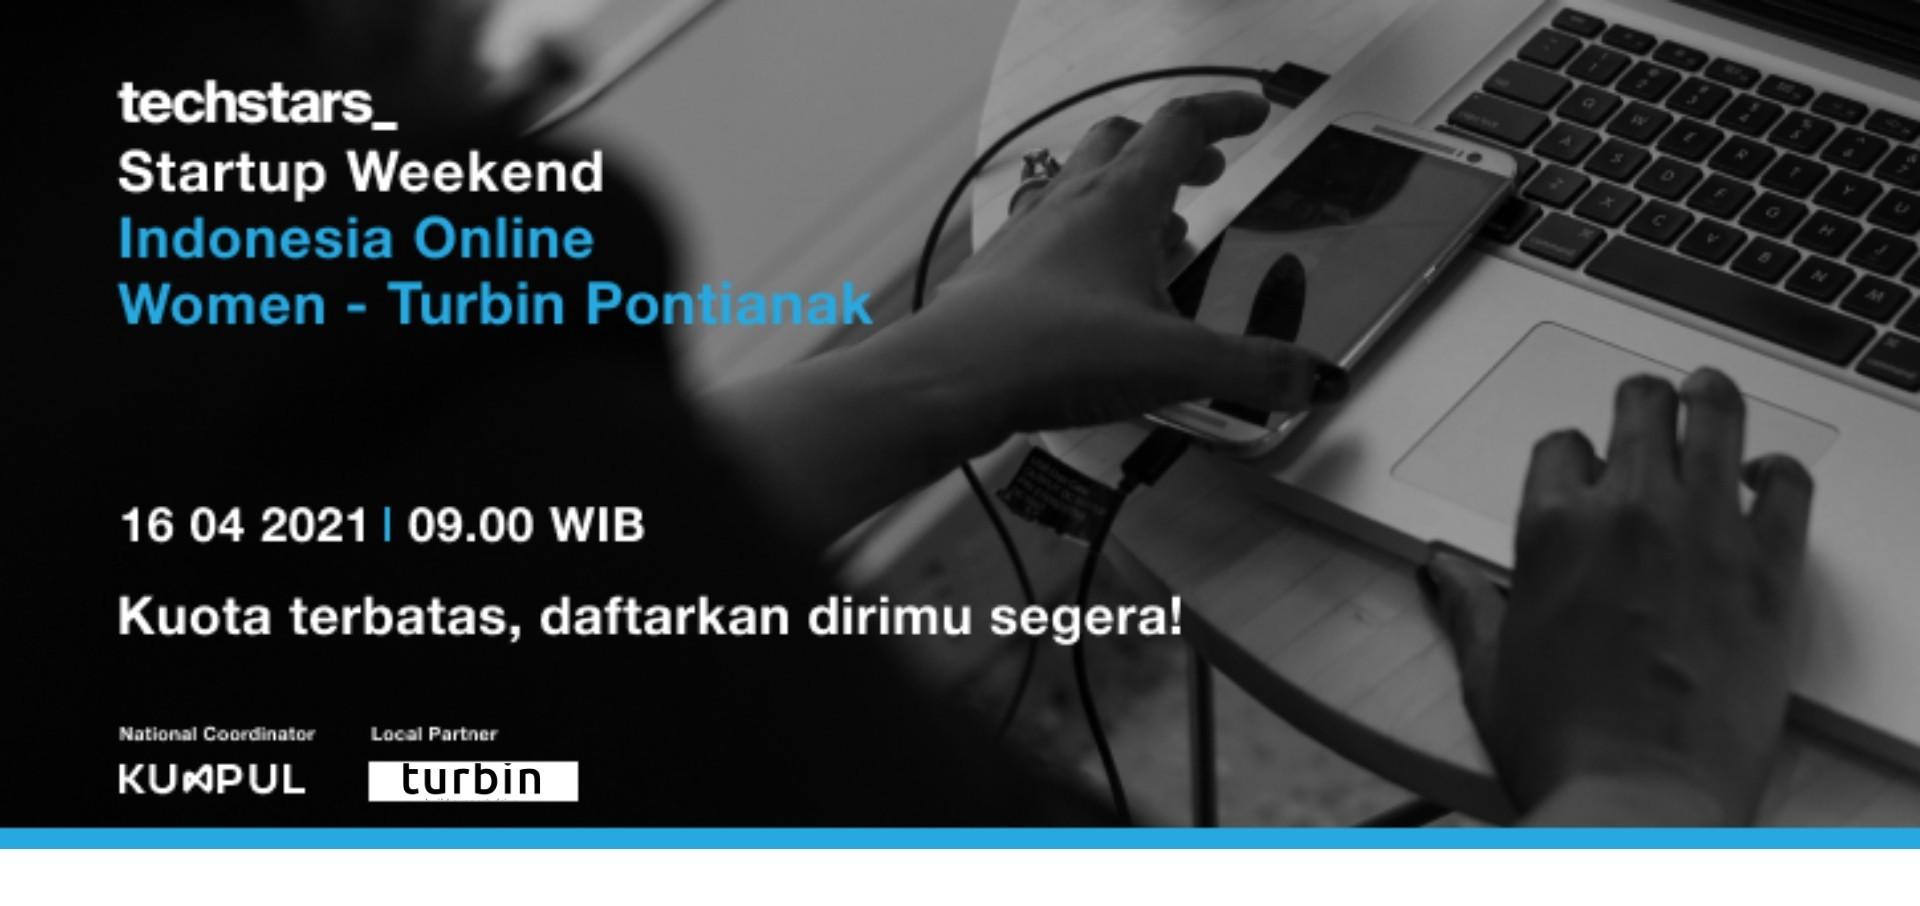 Startup Weekend Indonesia Online Women Pontianak - Turbin